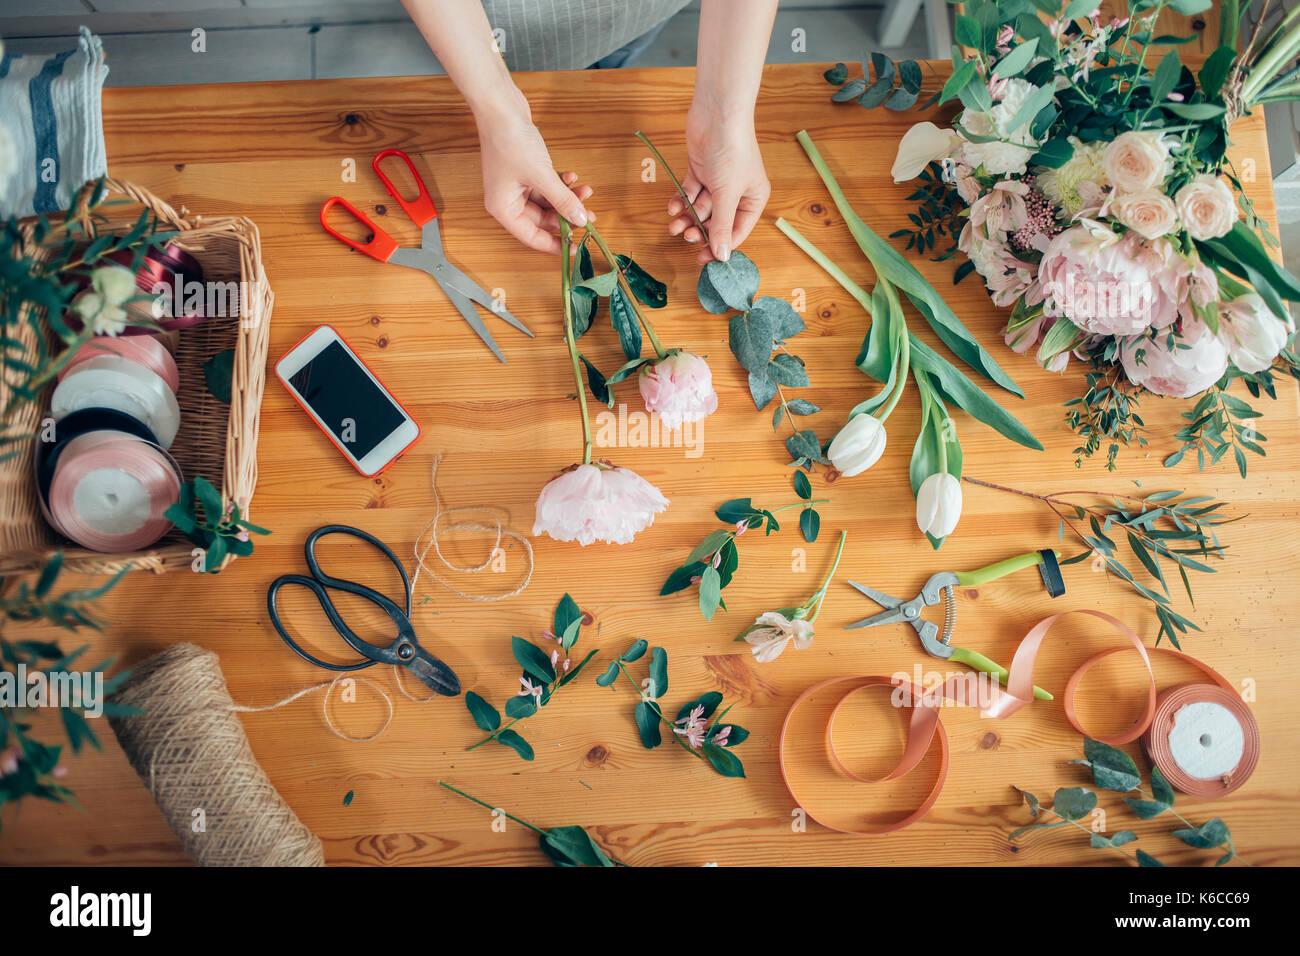 Mains d'un fleuriste contre desktop avec des outils de travail et rubans sur fond de bois Photo Stock